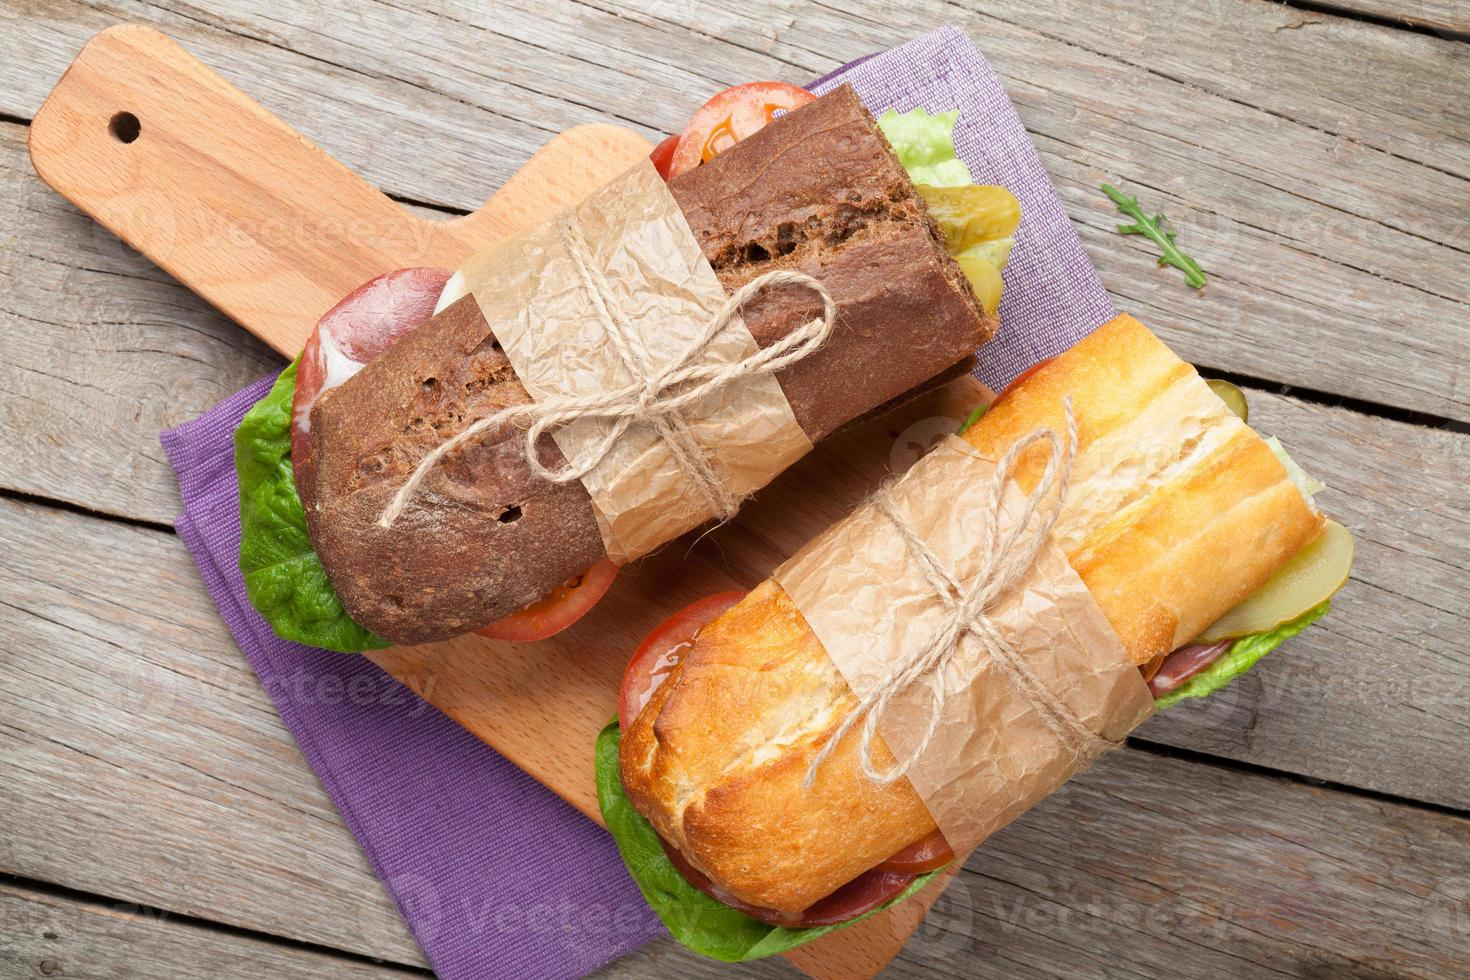 zwei Sandwiches mit Salat, Schinken, Käse und Tomaten foto